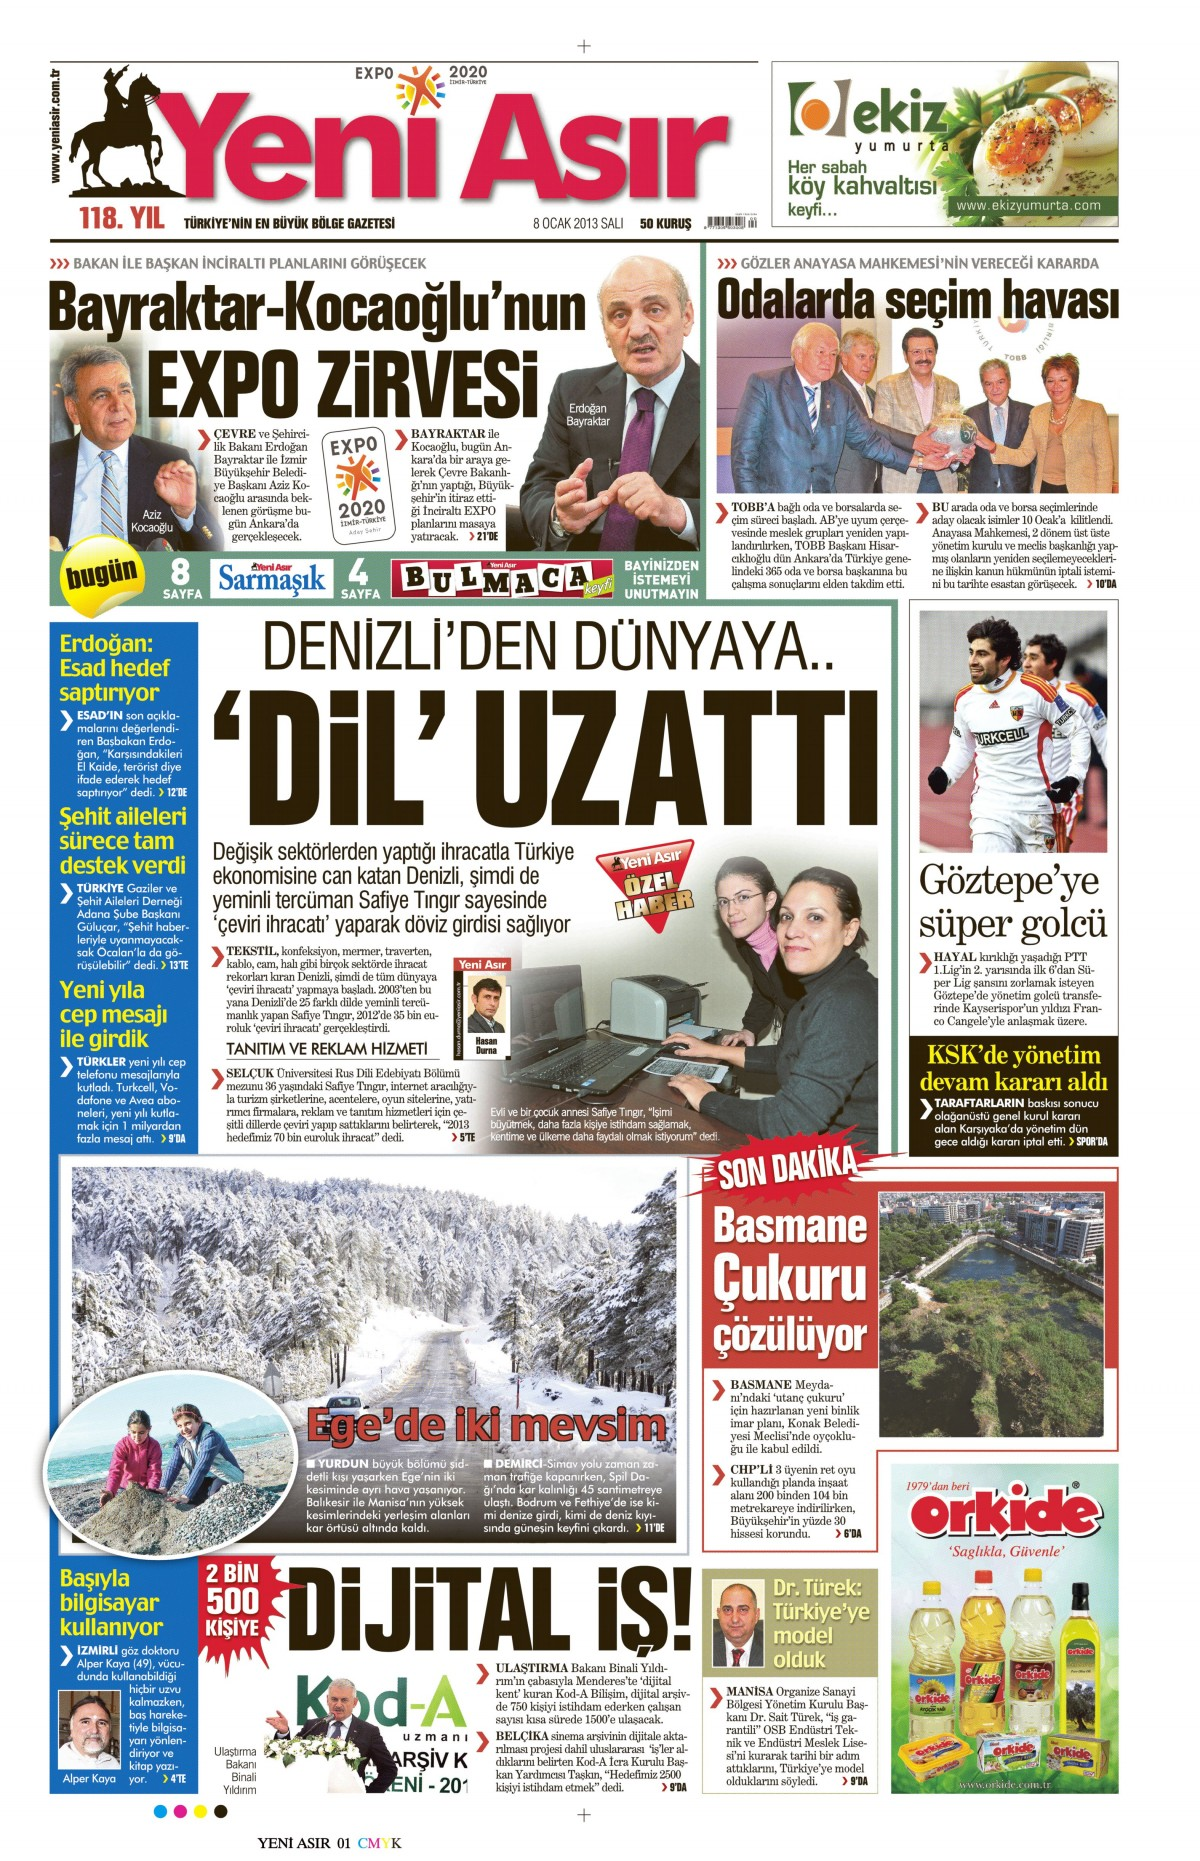 Yeni Asır, 8 Ocak 2013, Safiye Tıngır